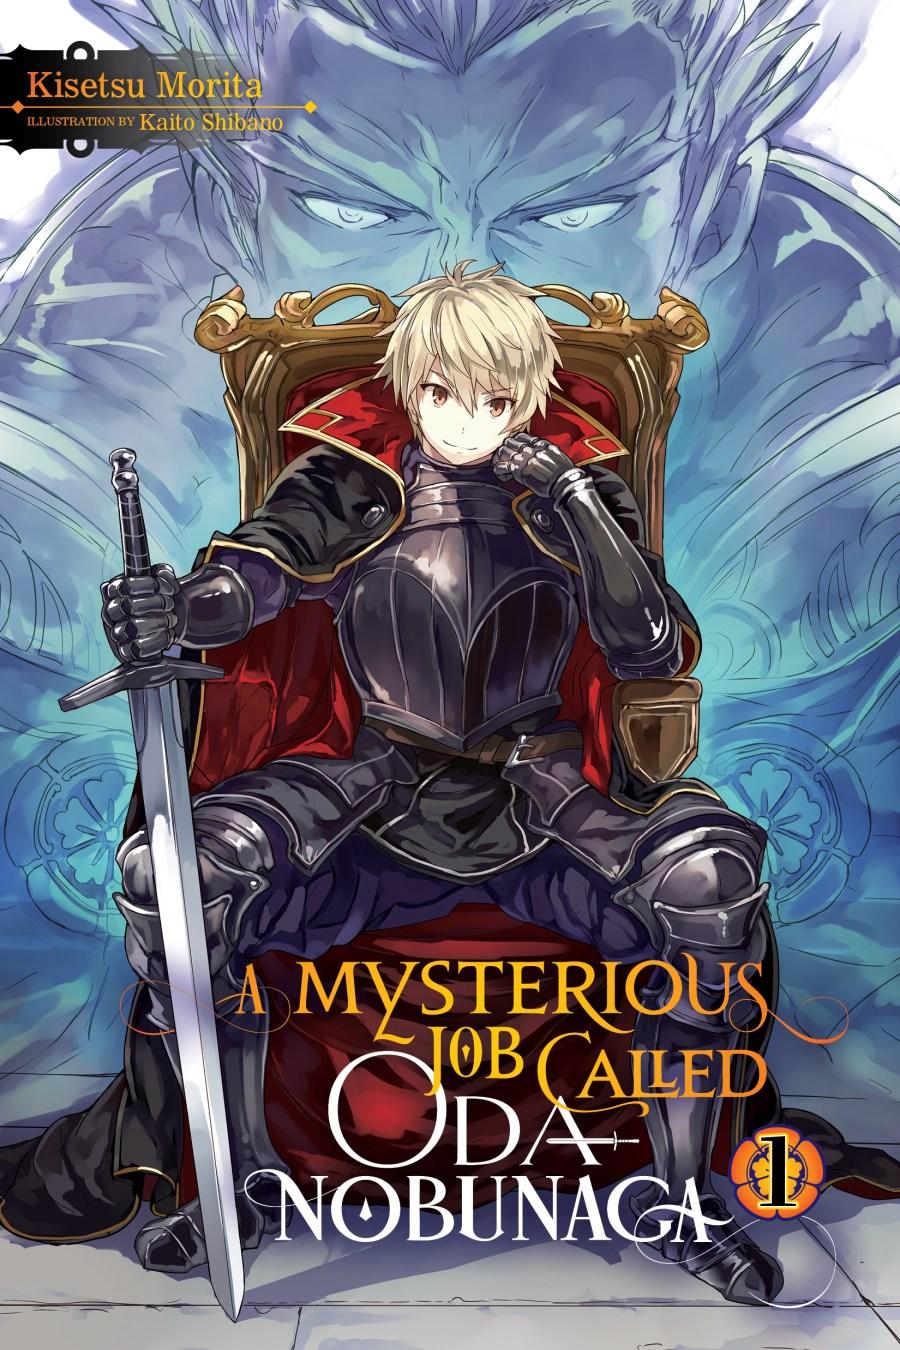 A Mysterious Job Called Oda Nobunaga Volume 1 Cover